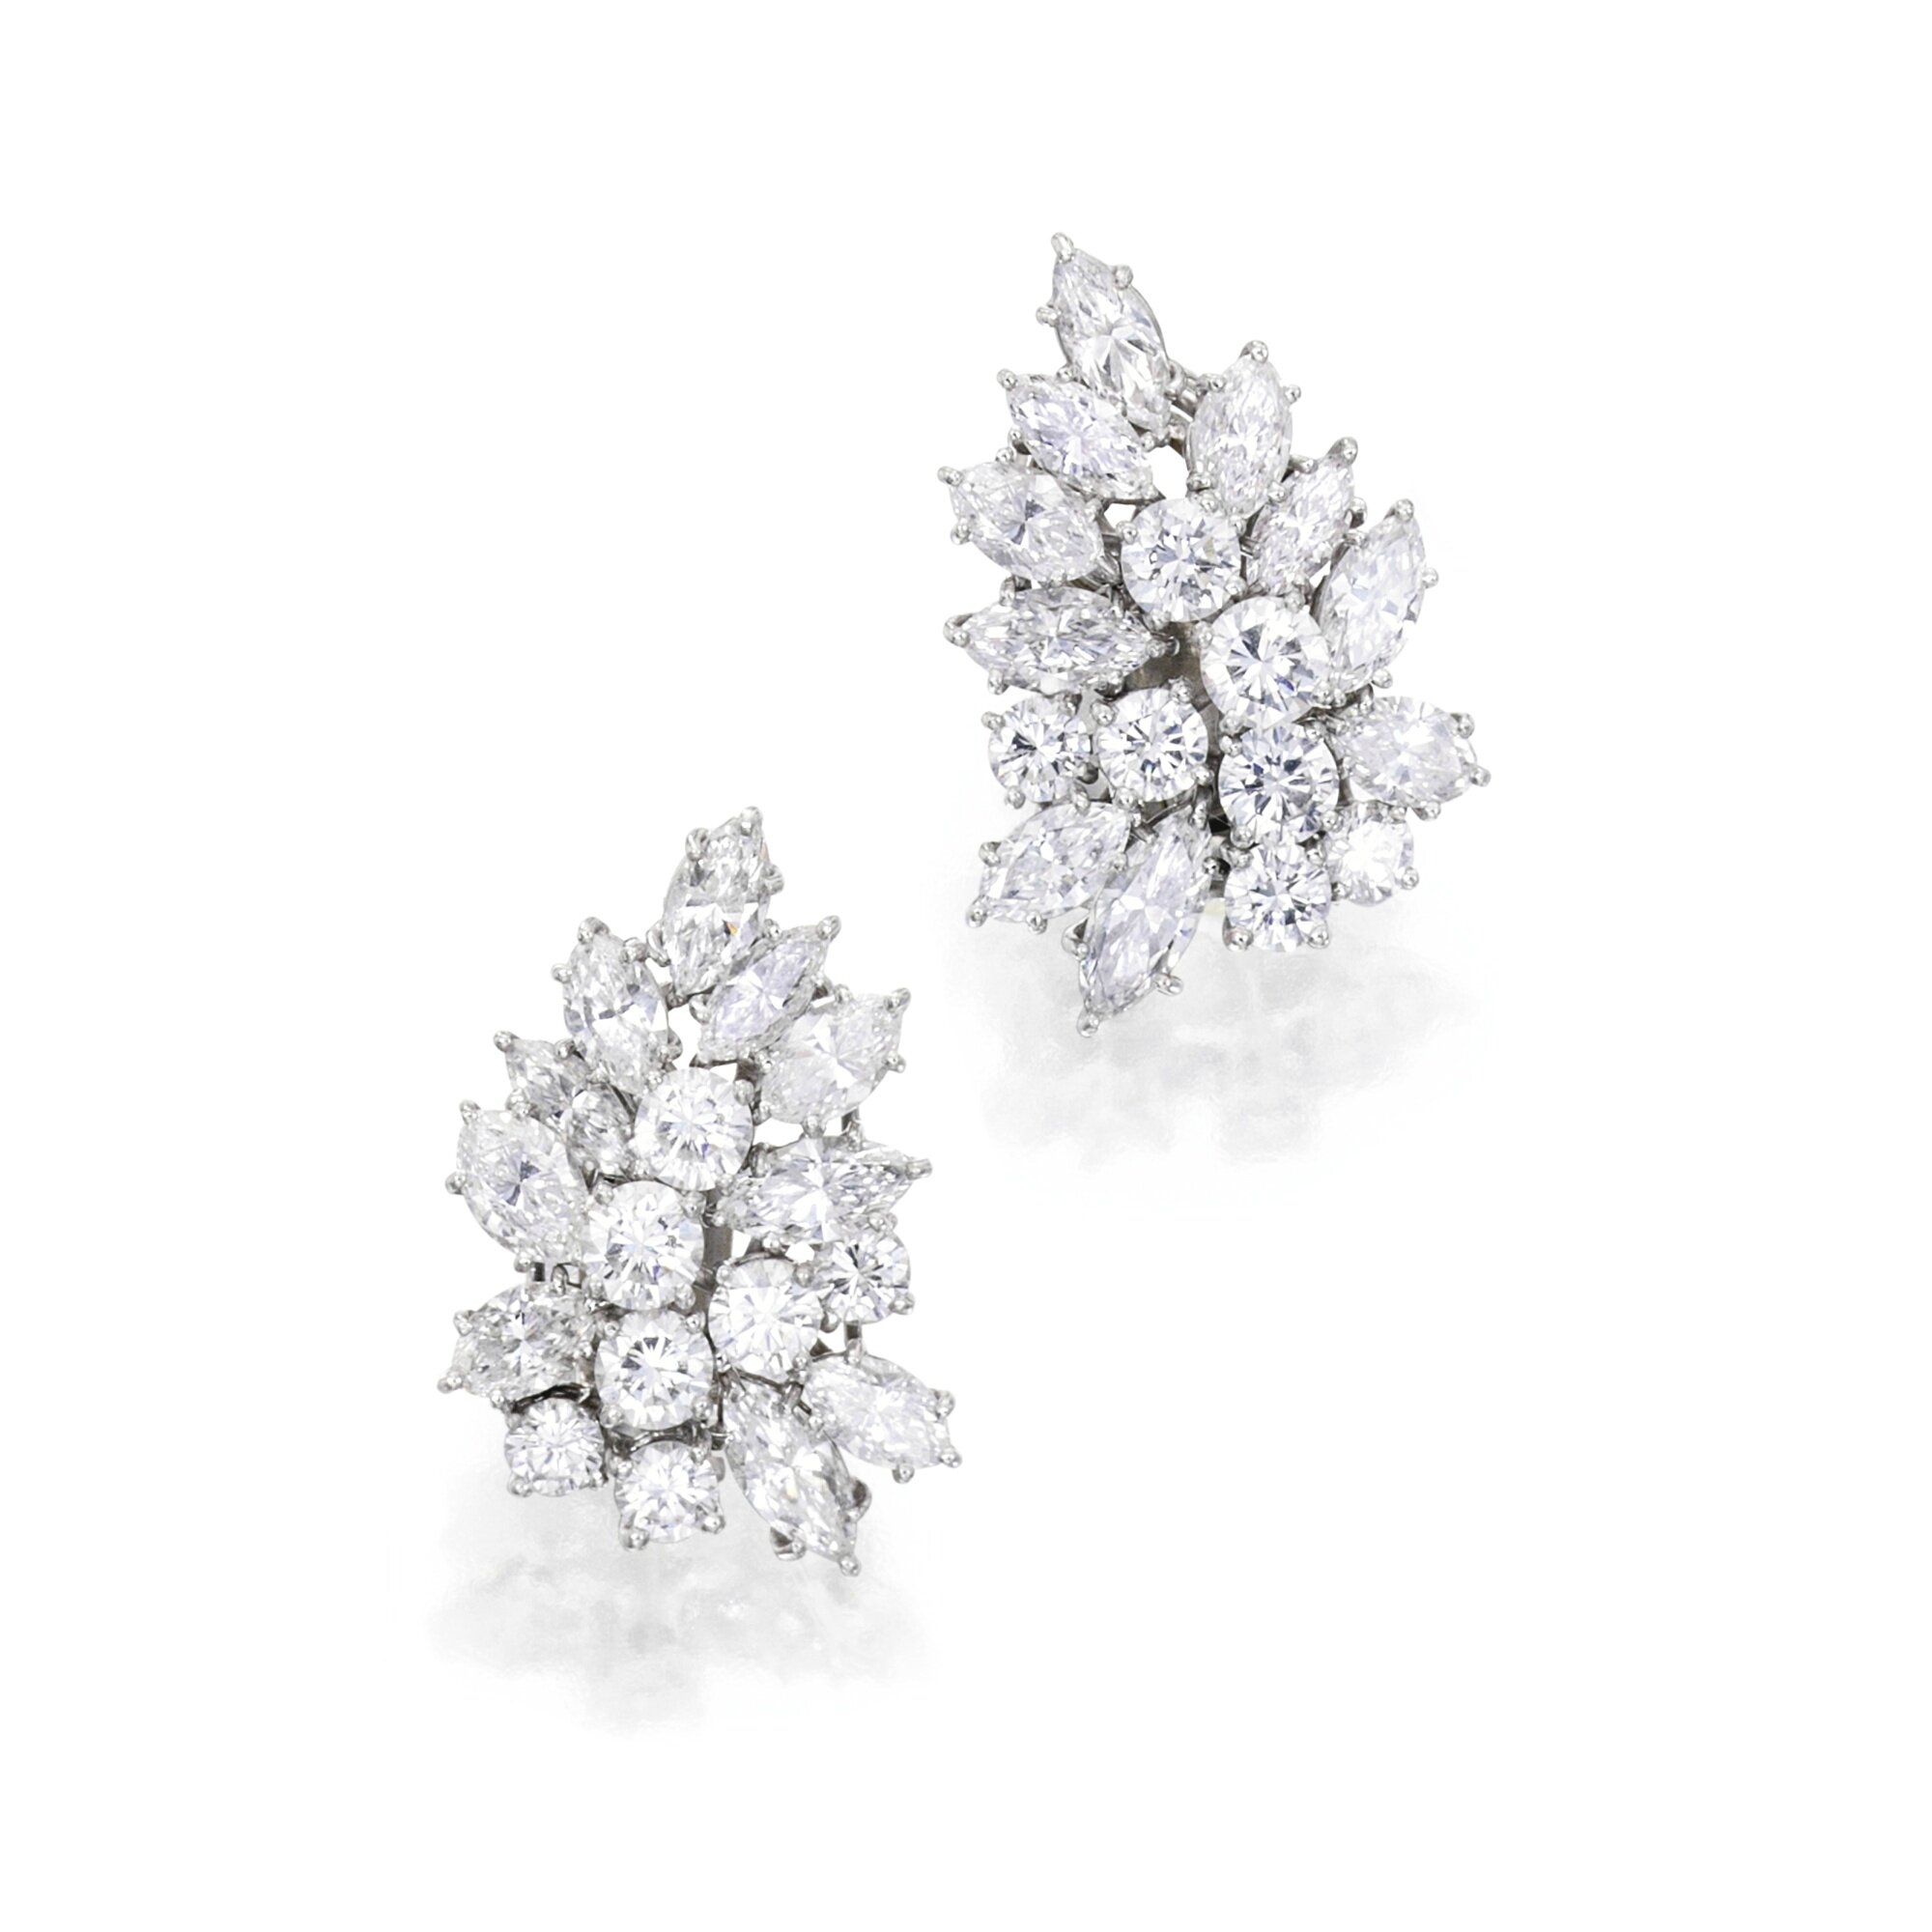 Pair Of Platinum And Diamond Earclips Van Cleef Amp Arpels